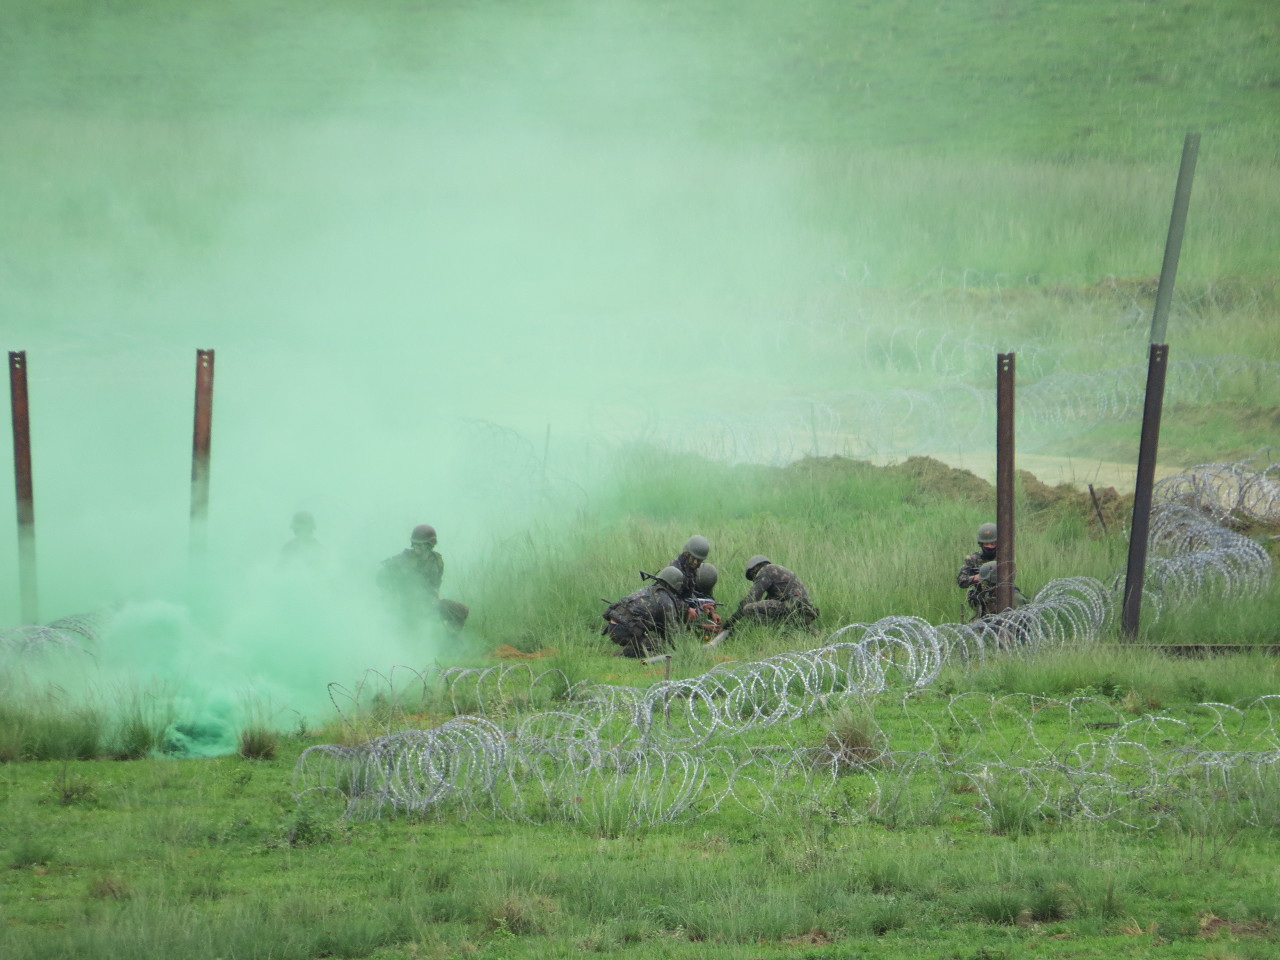 Sob perigo iminente de fogos inimigos, Engenharia garante mobilidade das tropas em terreno durante Manobra